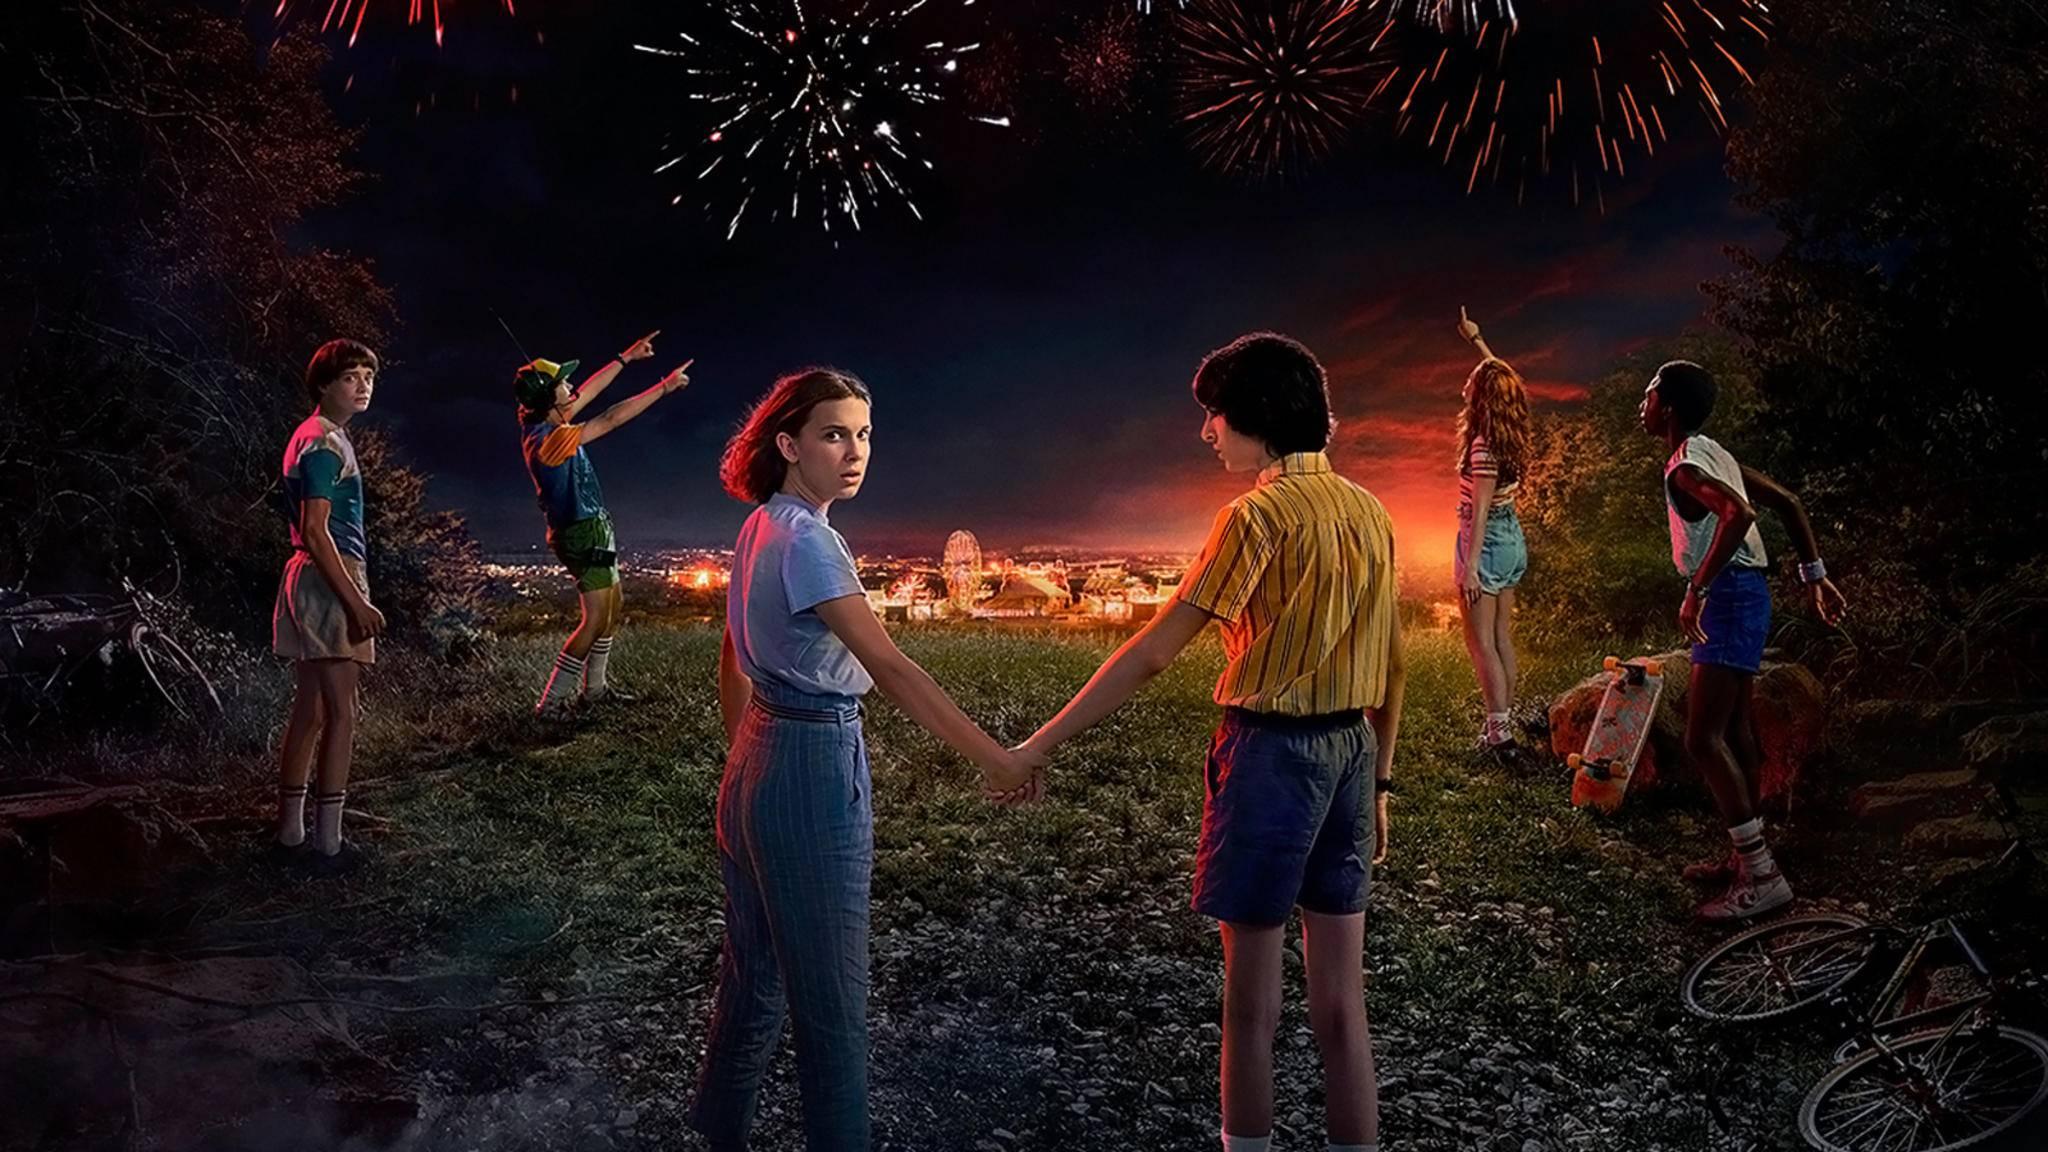 """Na klar: In Staffel 3 werden die """"Stranger Things""""-Kids wieder viele Geheimnisse aufdecken."""